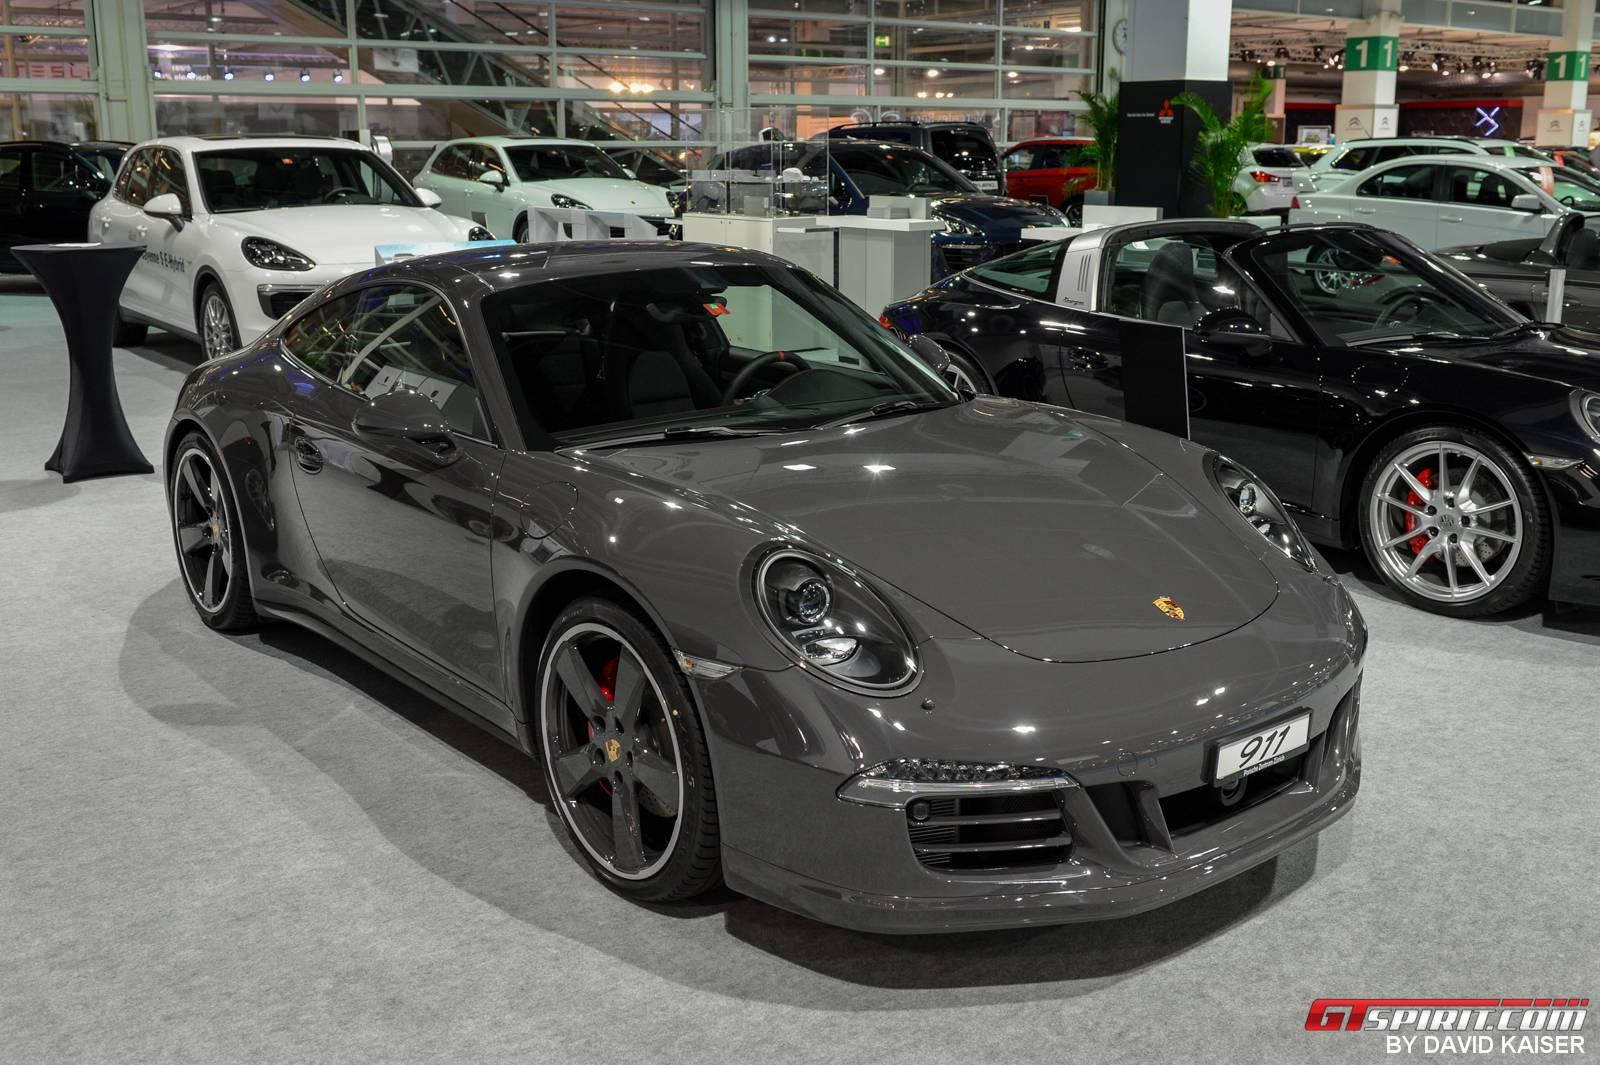 auto zurich 2014 porsche 911 carrera 4s exclusive swiss edition gtspirit. Black Bedroom Furniture Sets. Home Design Ideas